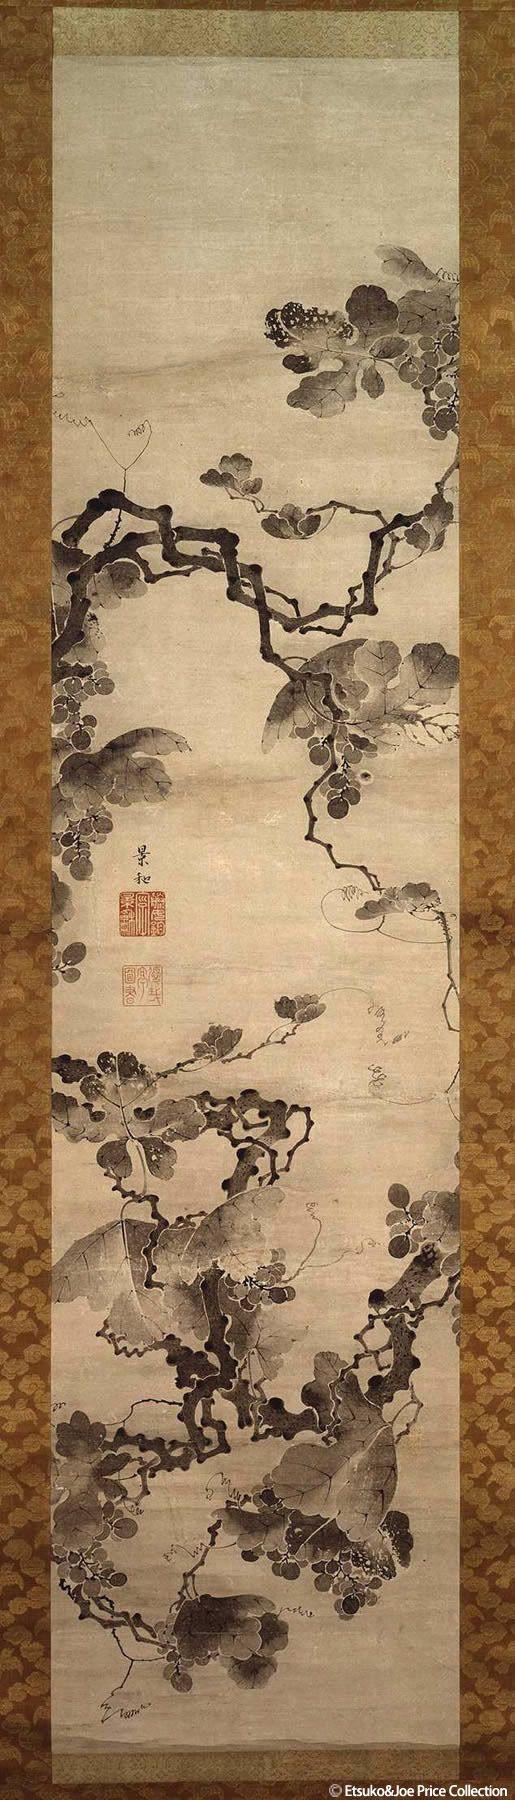 Ito Jakuchu / Grape Figure (Japanese)